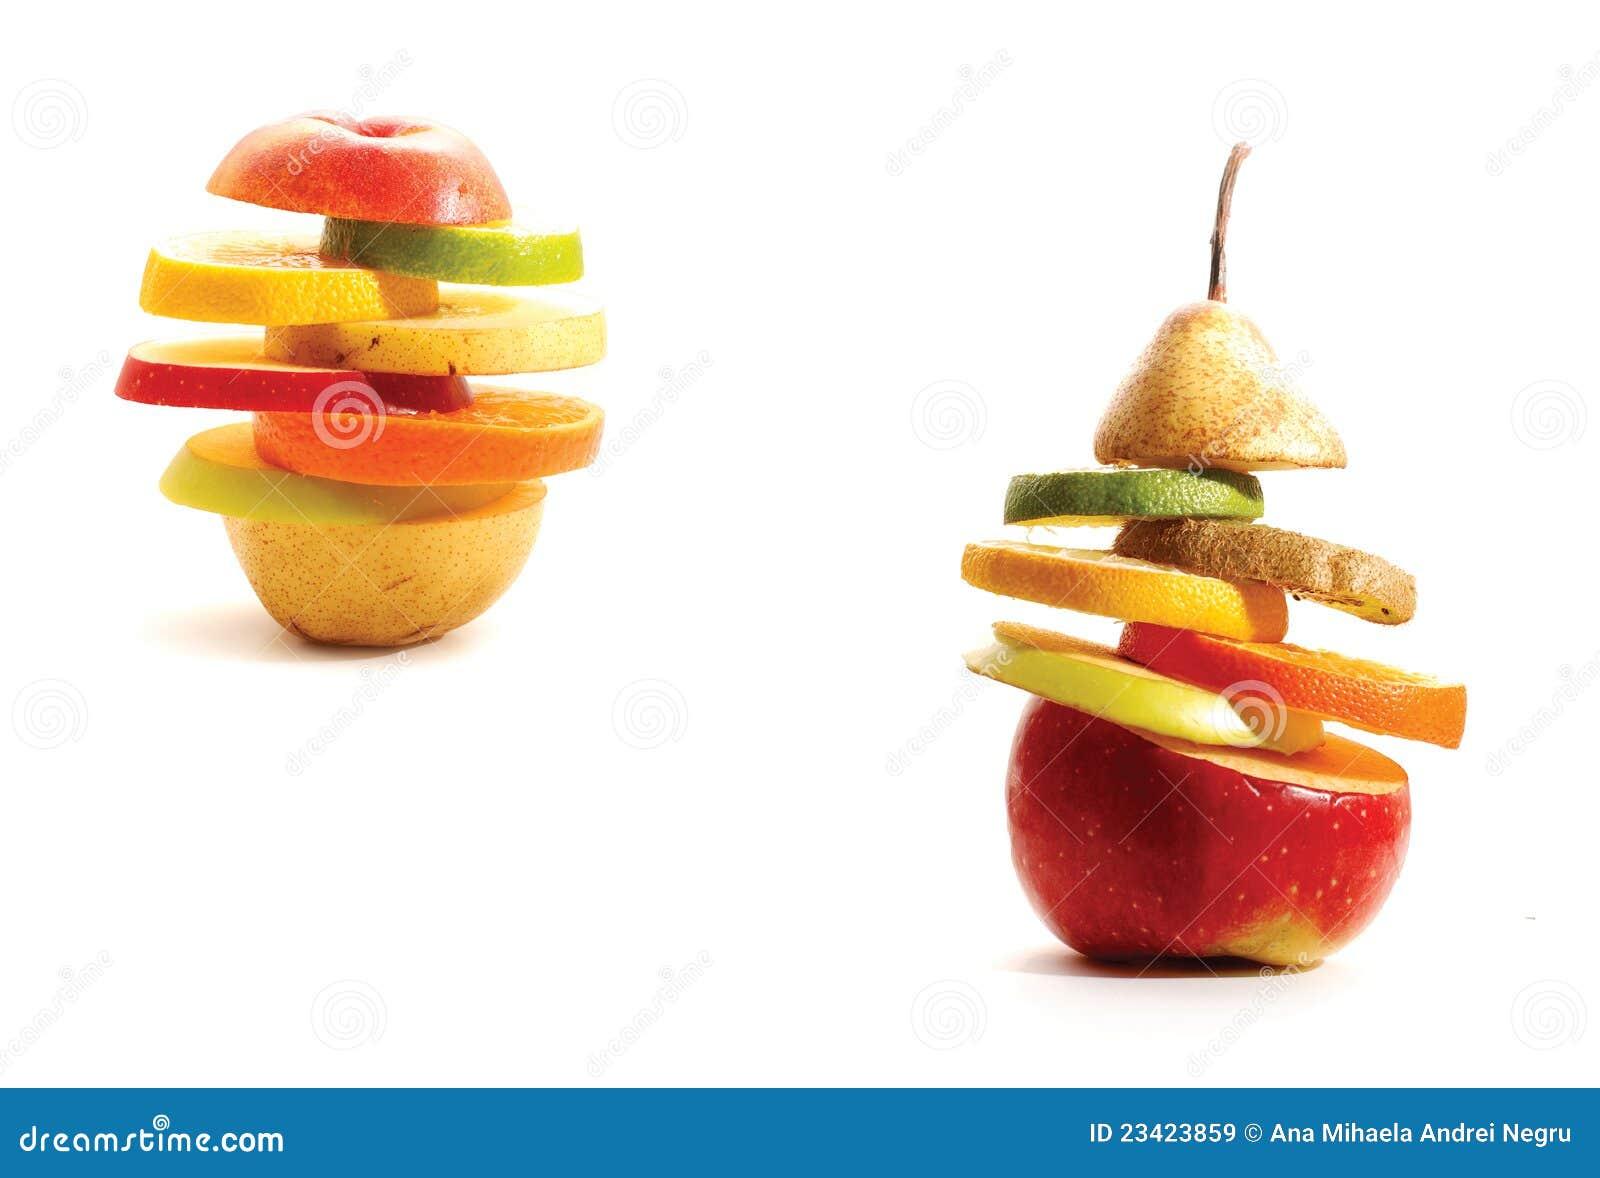 柠檬另外油桃猕猴桃分层堆积象苹果做的果子橙色美食梨的桃子.石灰潼关简介图片